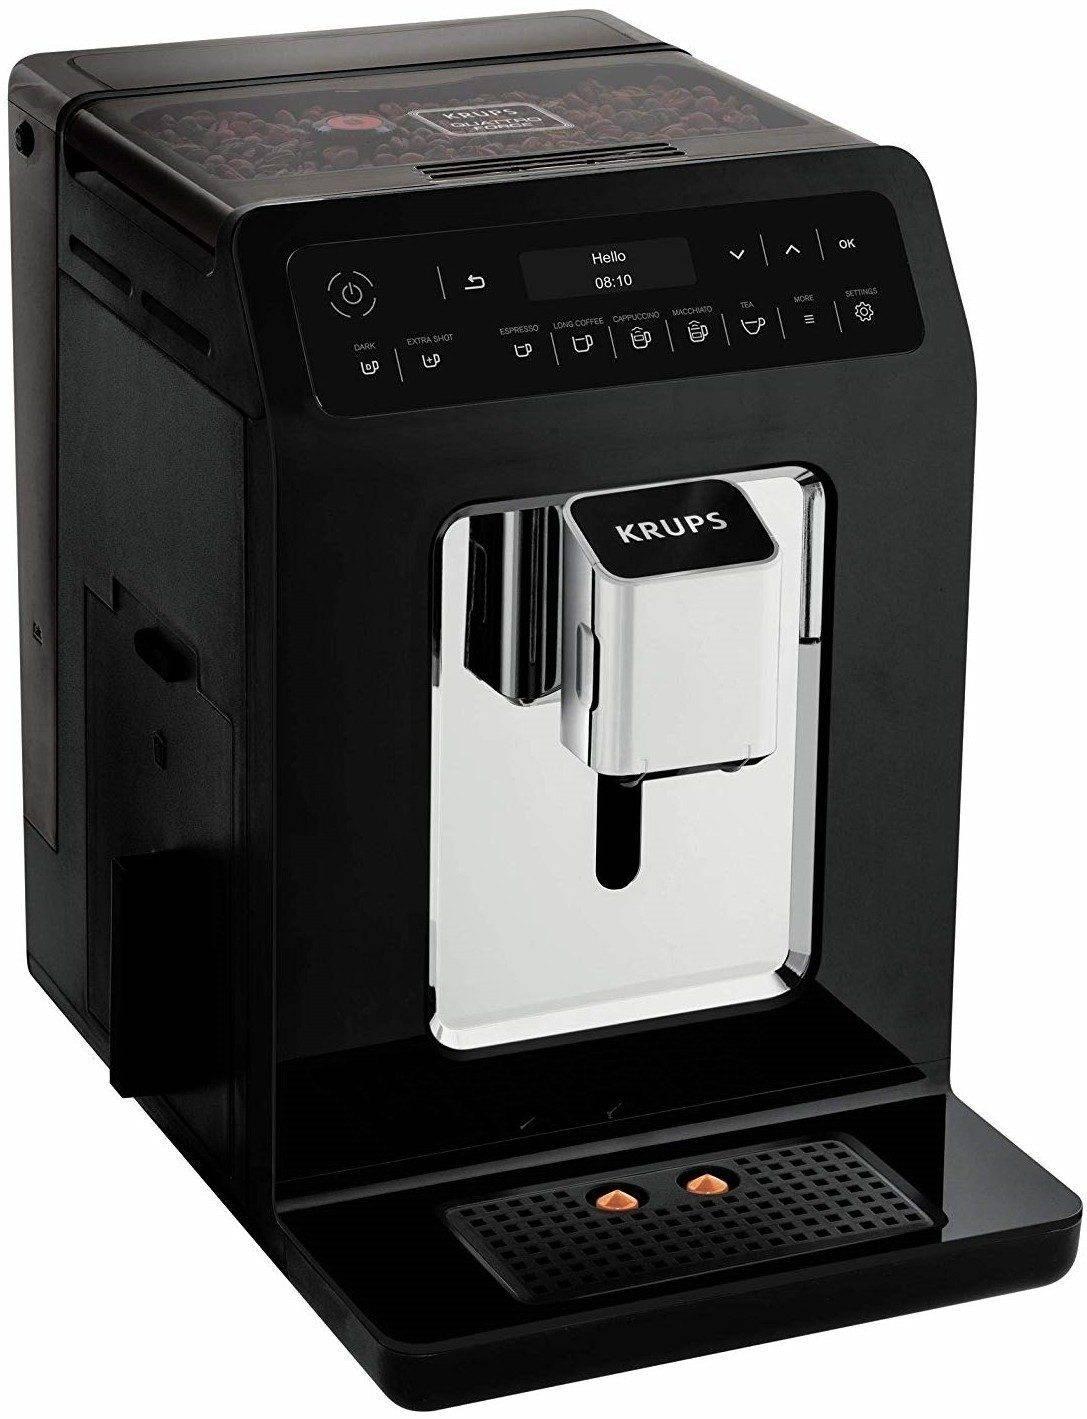 Автоматический капучинатор для дома: как выбрать кофемашину для капучино